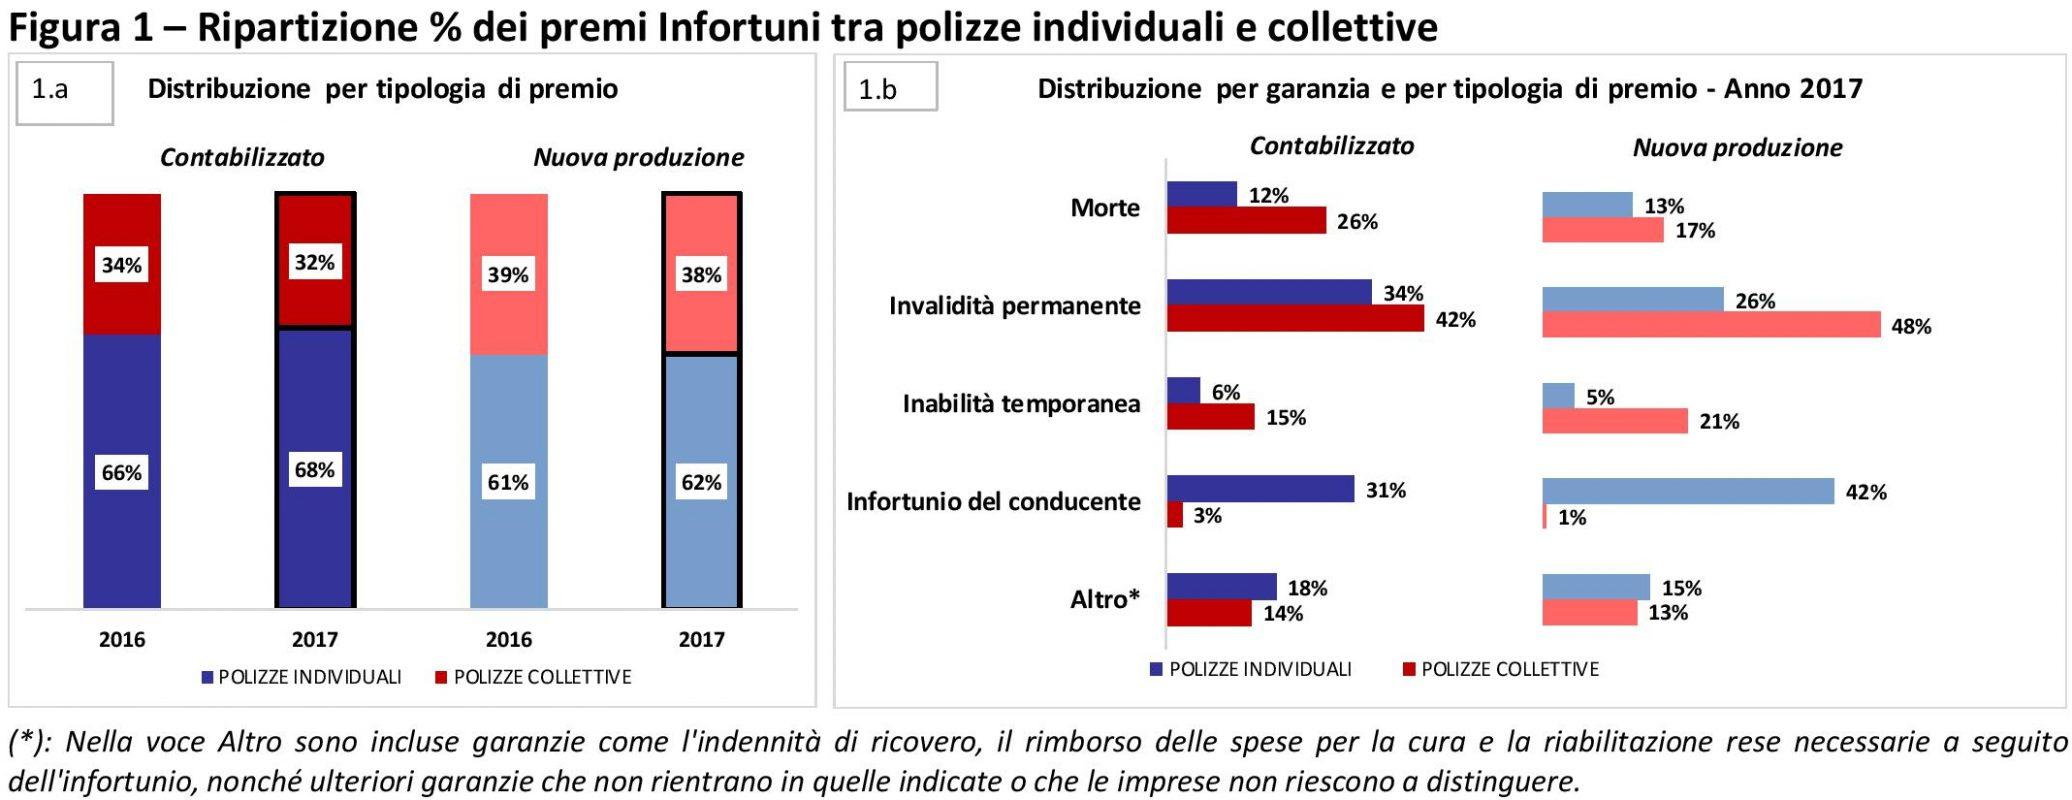 ANIA - Infortuni - 2017 - Polizze individuali e collettive Imc